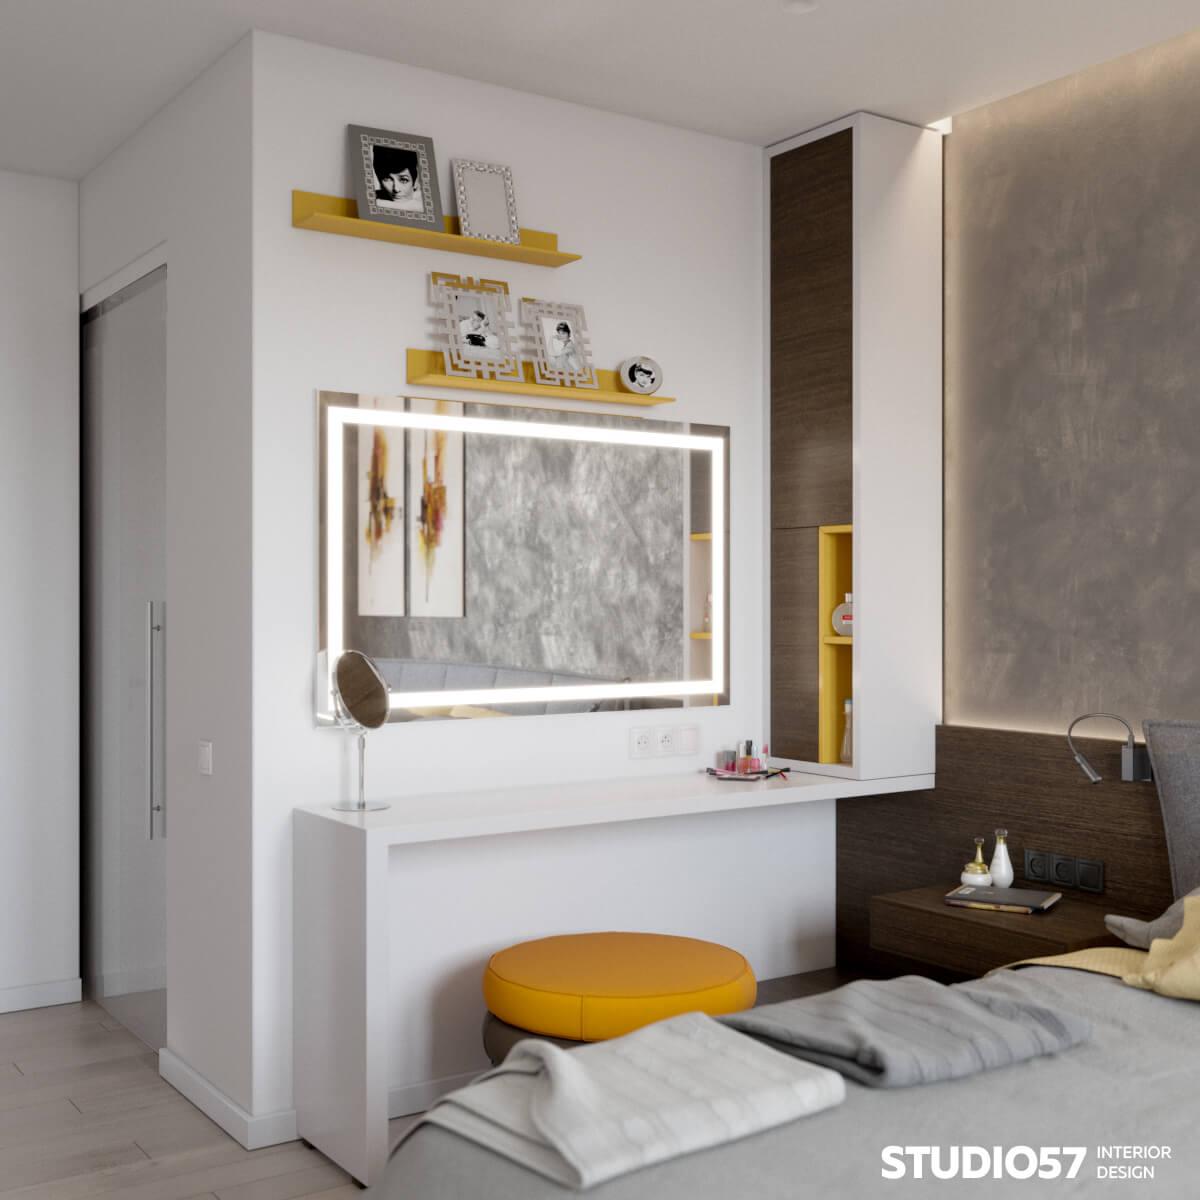 Туалетный столик с жёлтым пуфиком